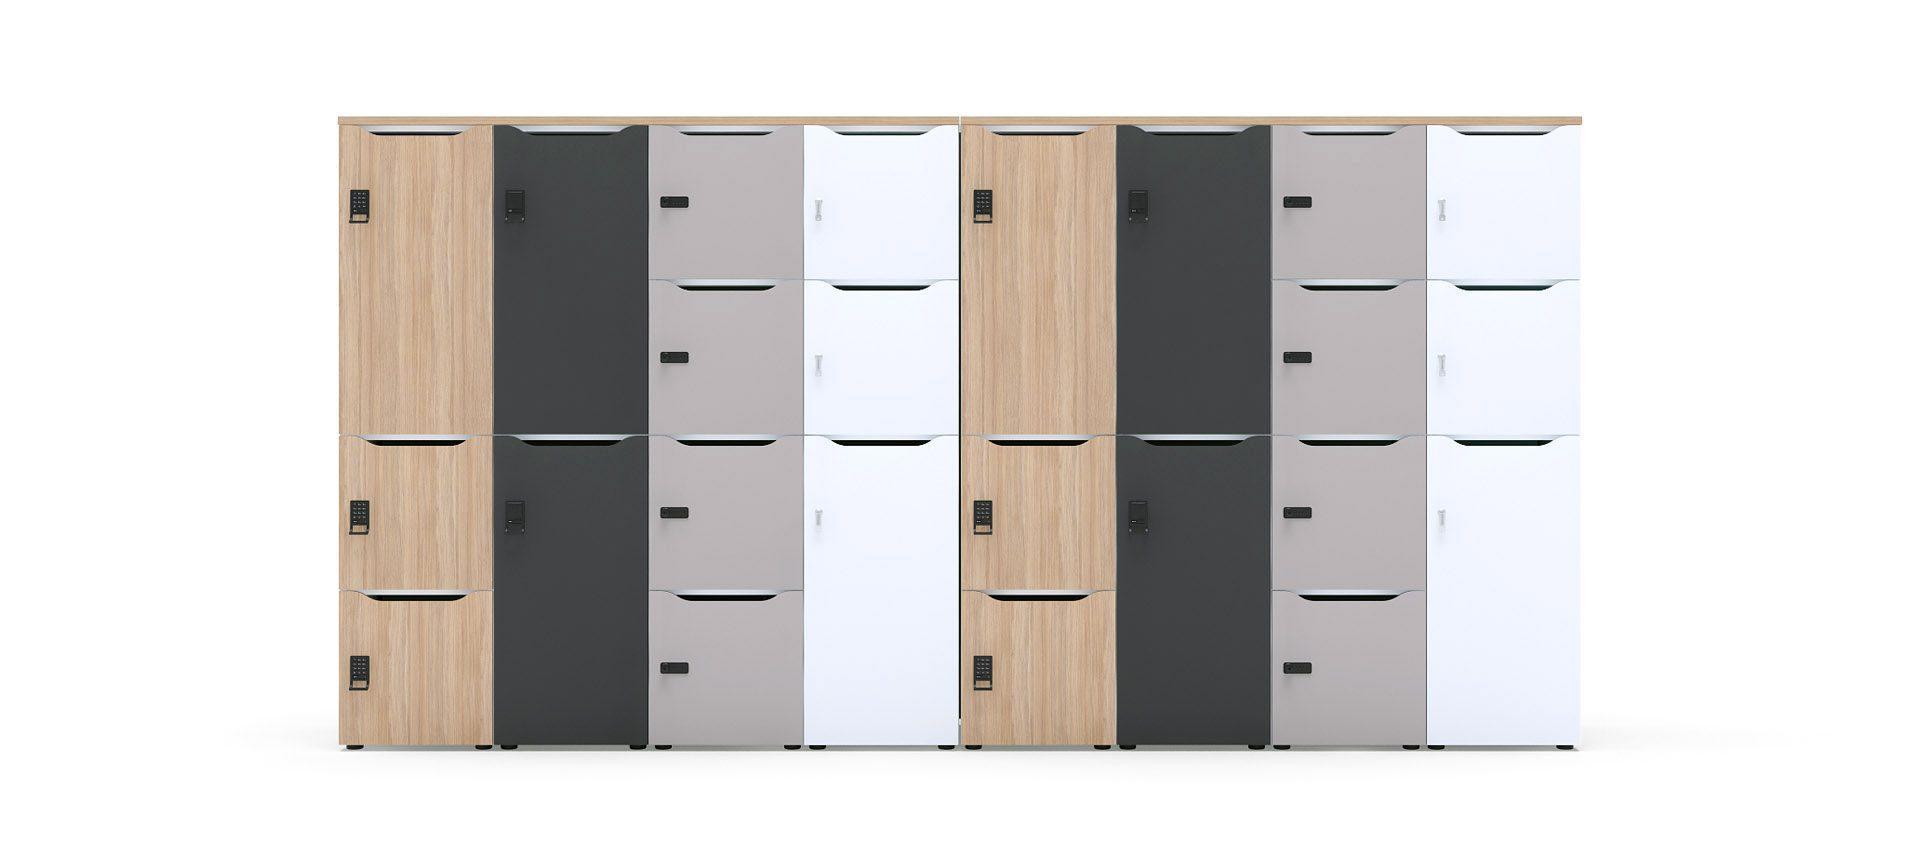 Storage-lockers-CHOICE-Narbutas-1920x864